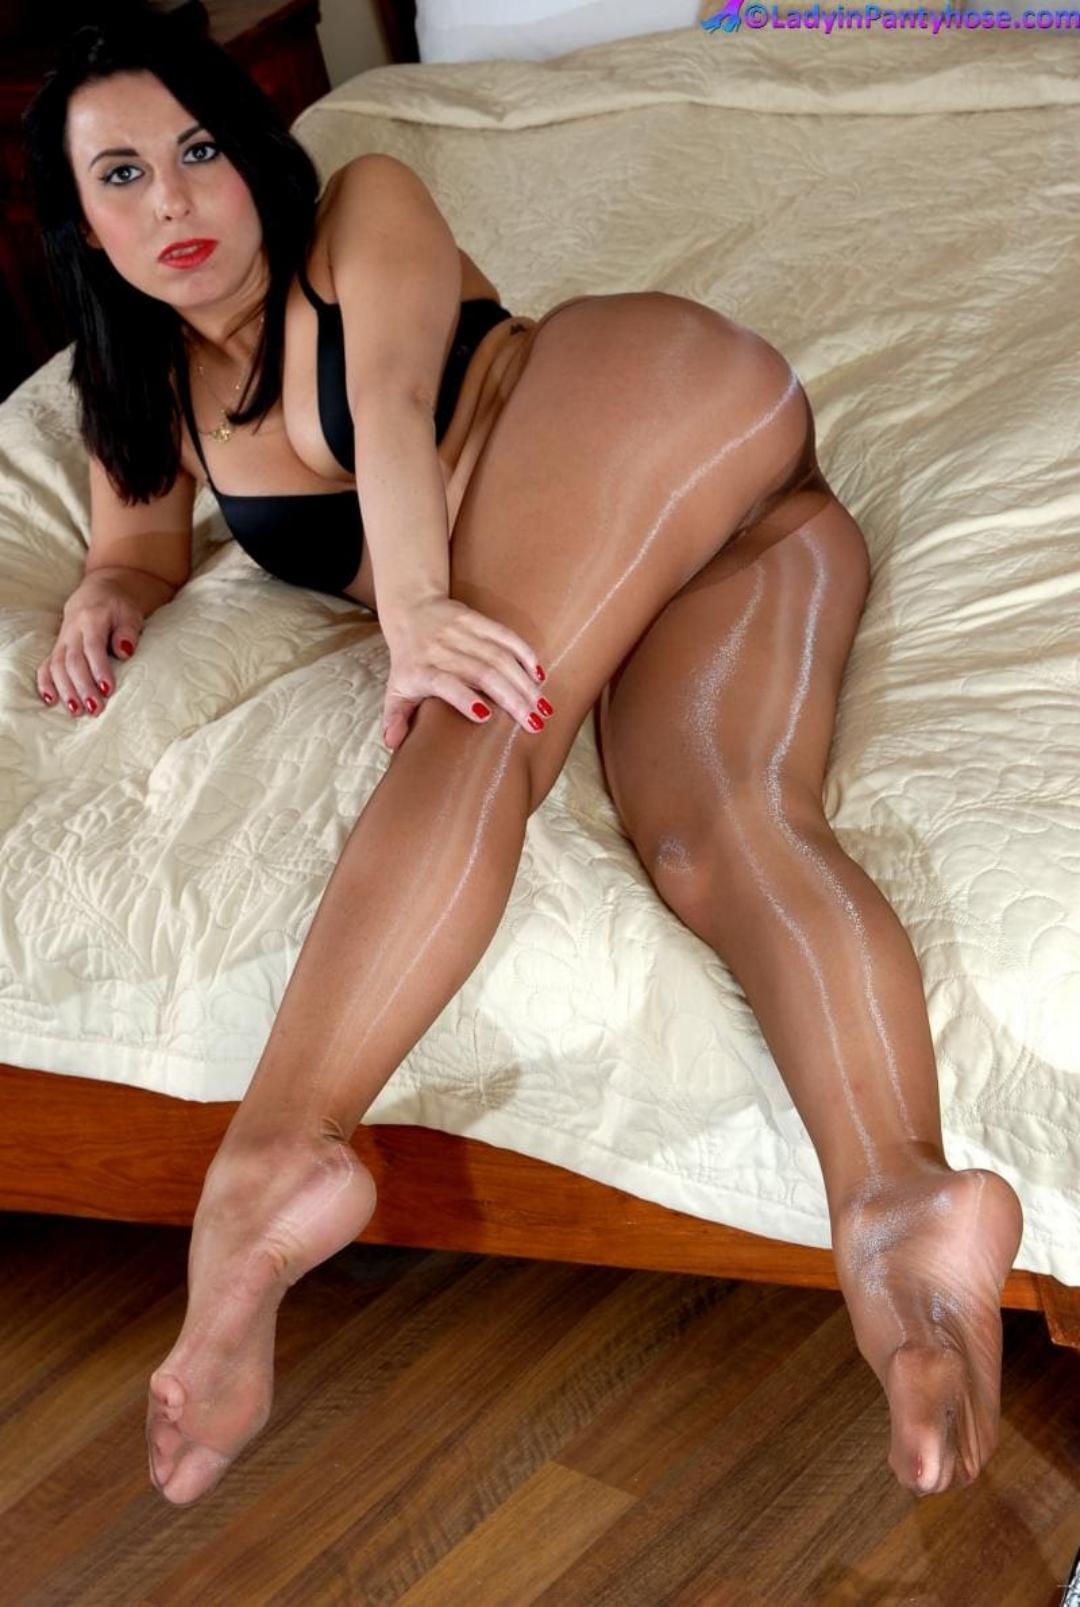 блестящие колготки коричневые на красивой брюнетки лежит на кровати на боку в черном лифчике